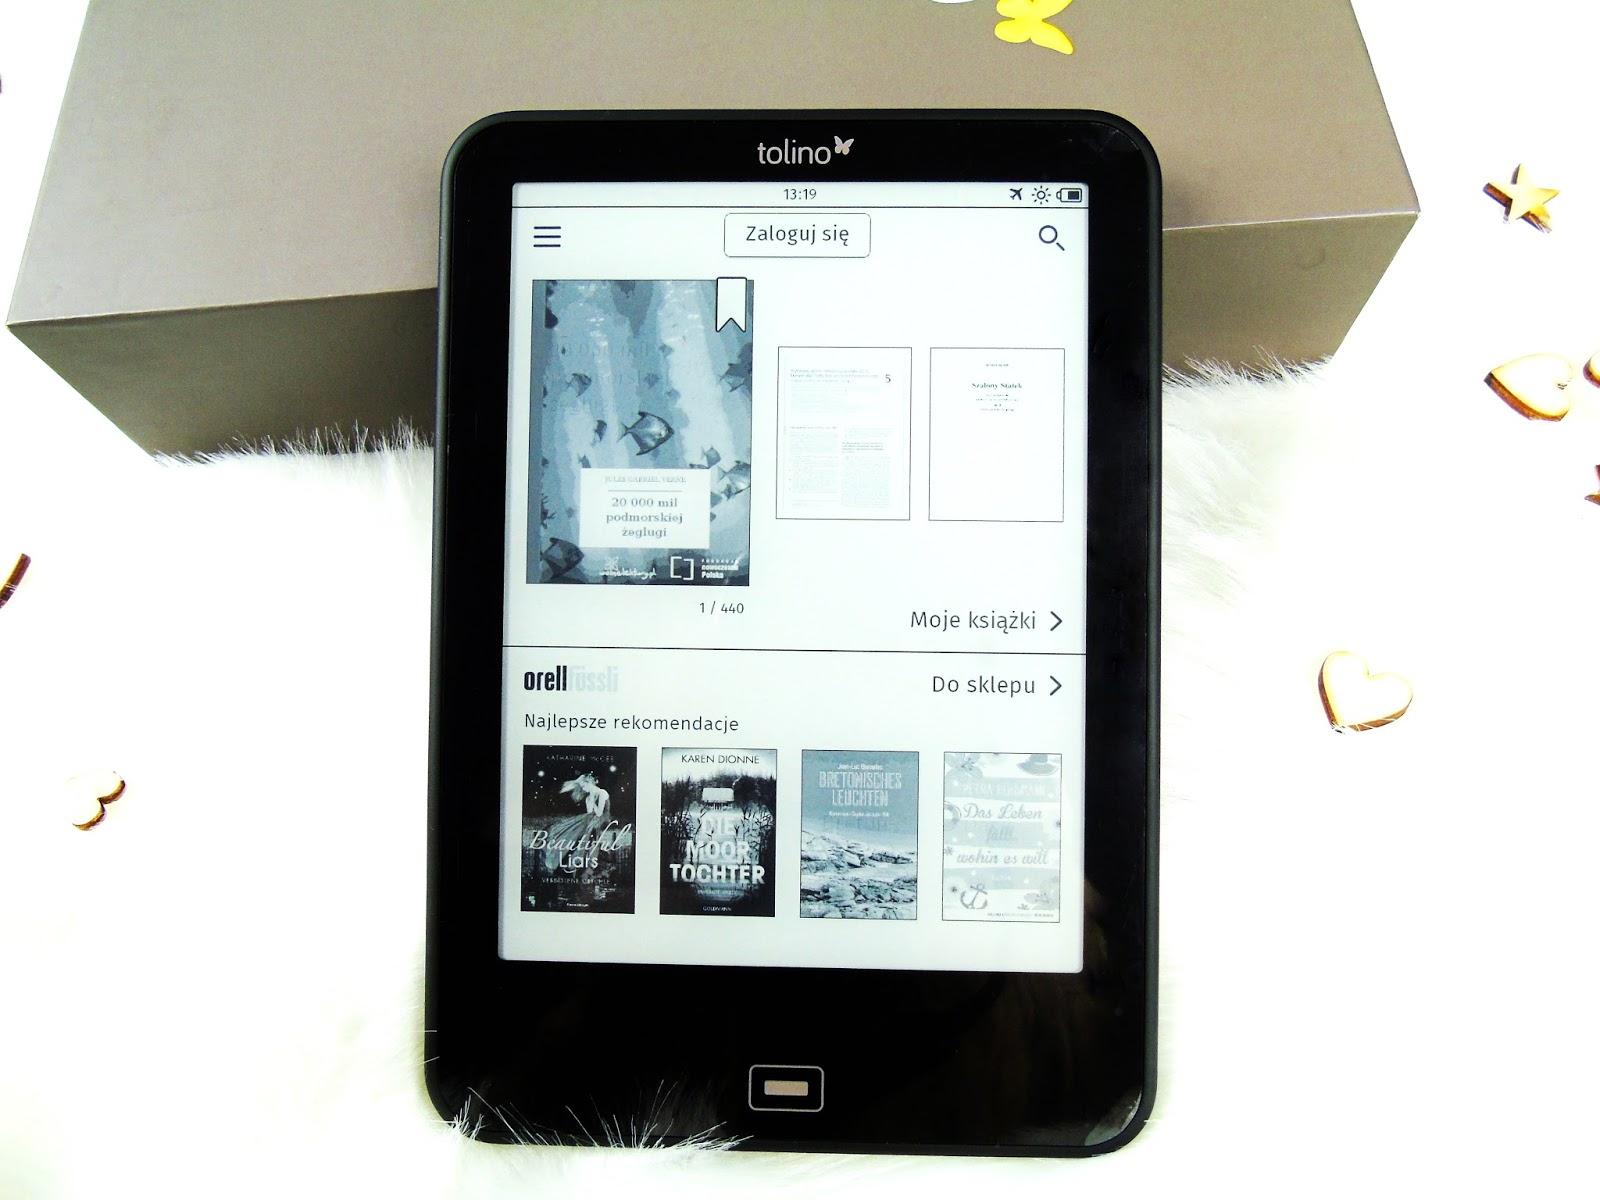 Tolino Vision 2 - Wodoodporny czytnik E-booków w najwyższej, niemieckiej jakości!